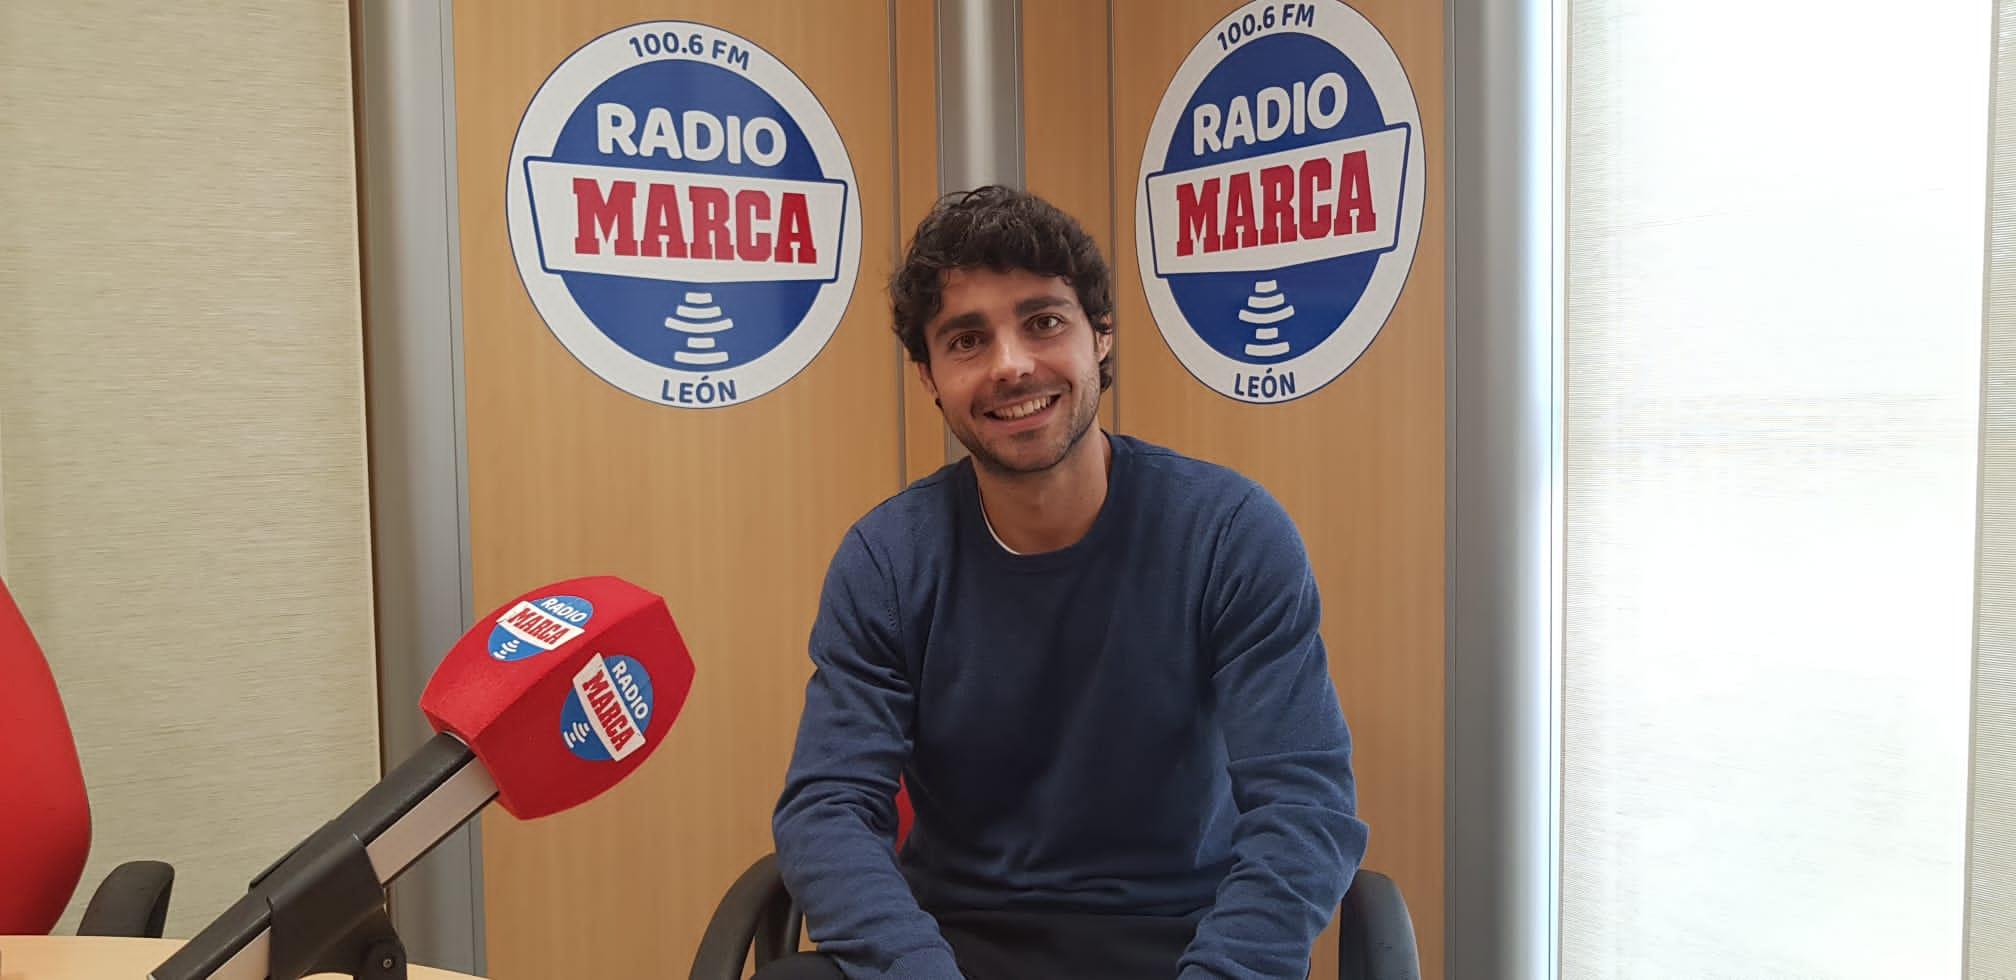 Galán sigue sumando experiencias - Radio Marca León